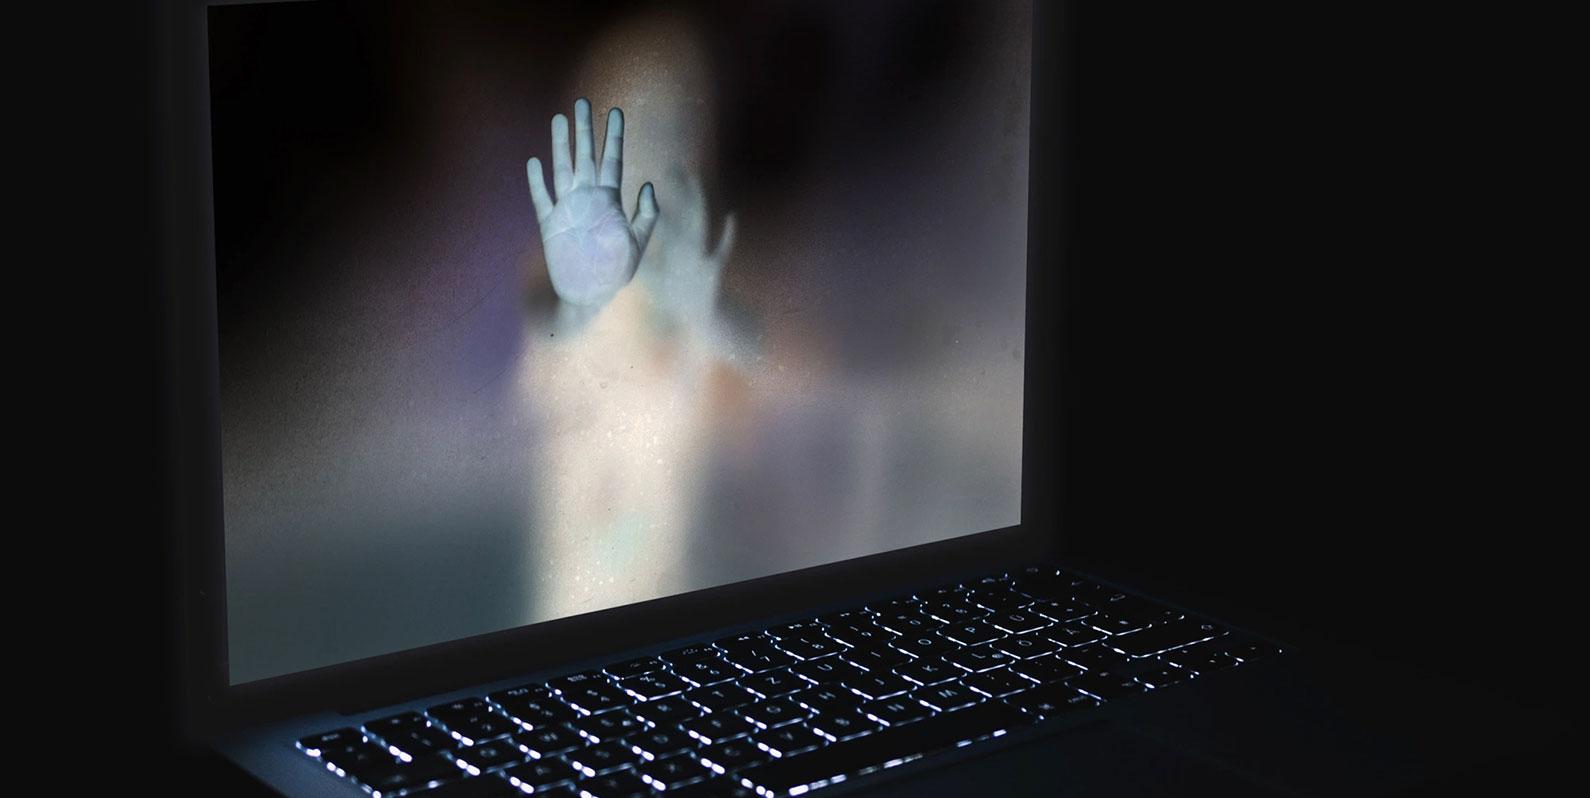 """O """"apagamento da participação"""" pode ser a próxima moda passageira perigosa no machine learning"""